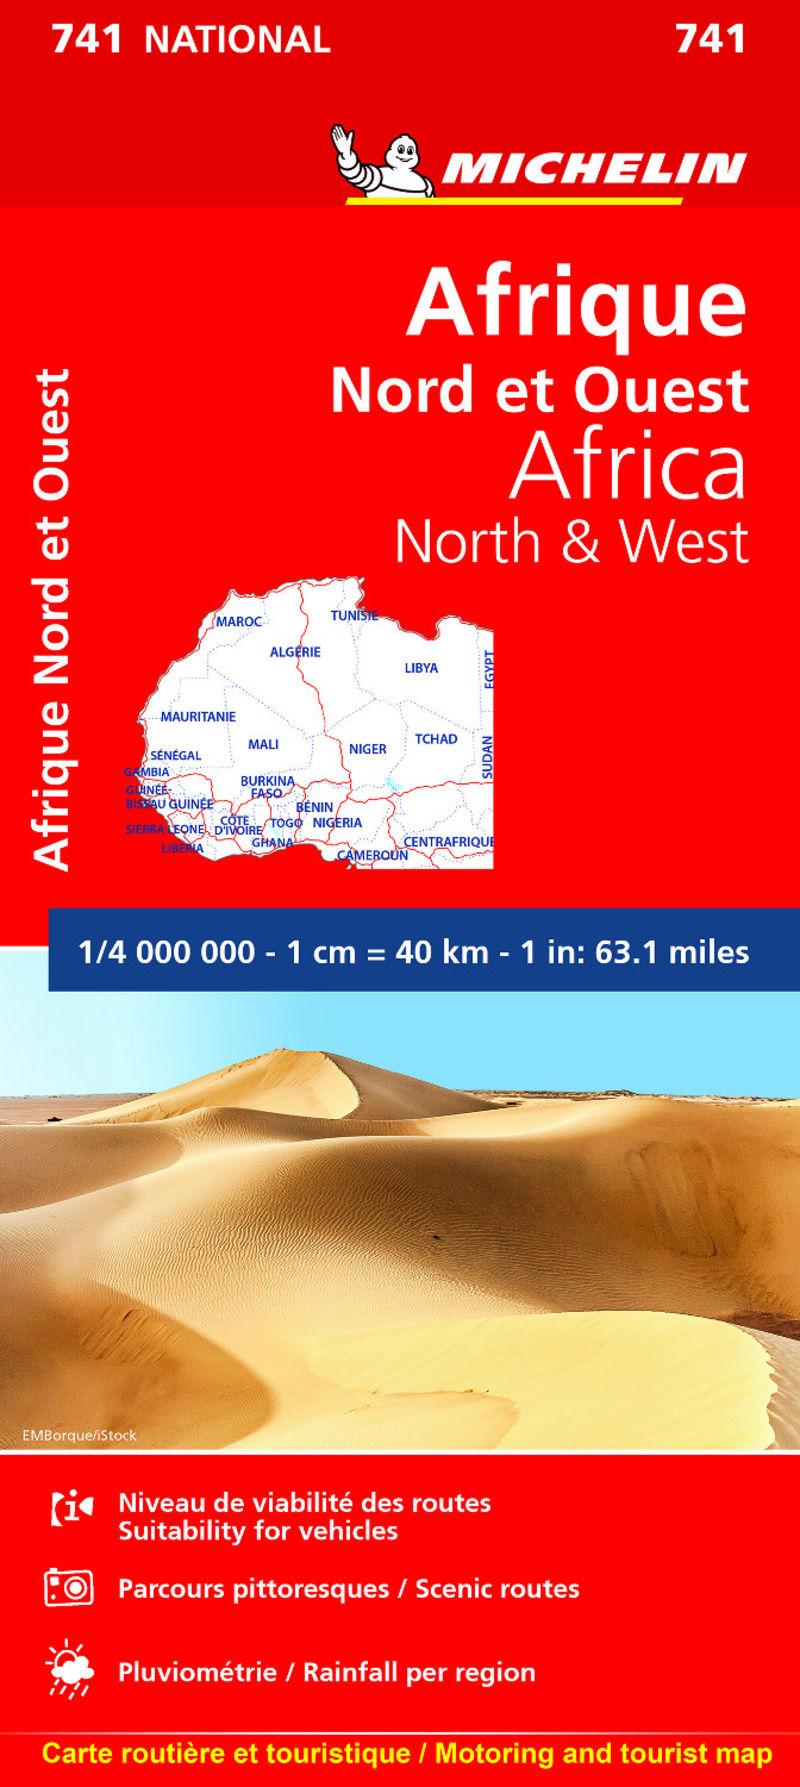 MAPA NATIONAL AFRIQUE NORD ET OUEST 741 (2019)